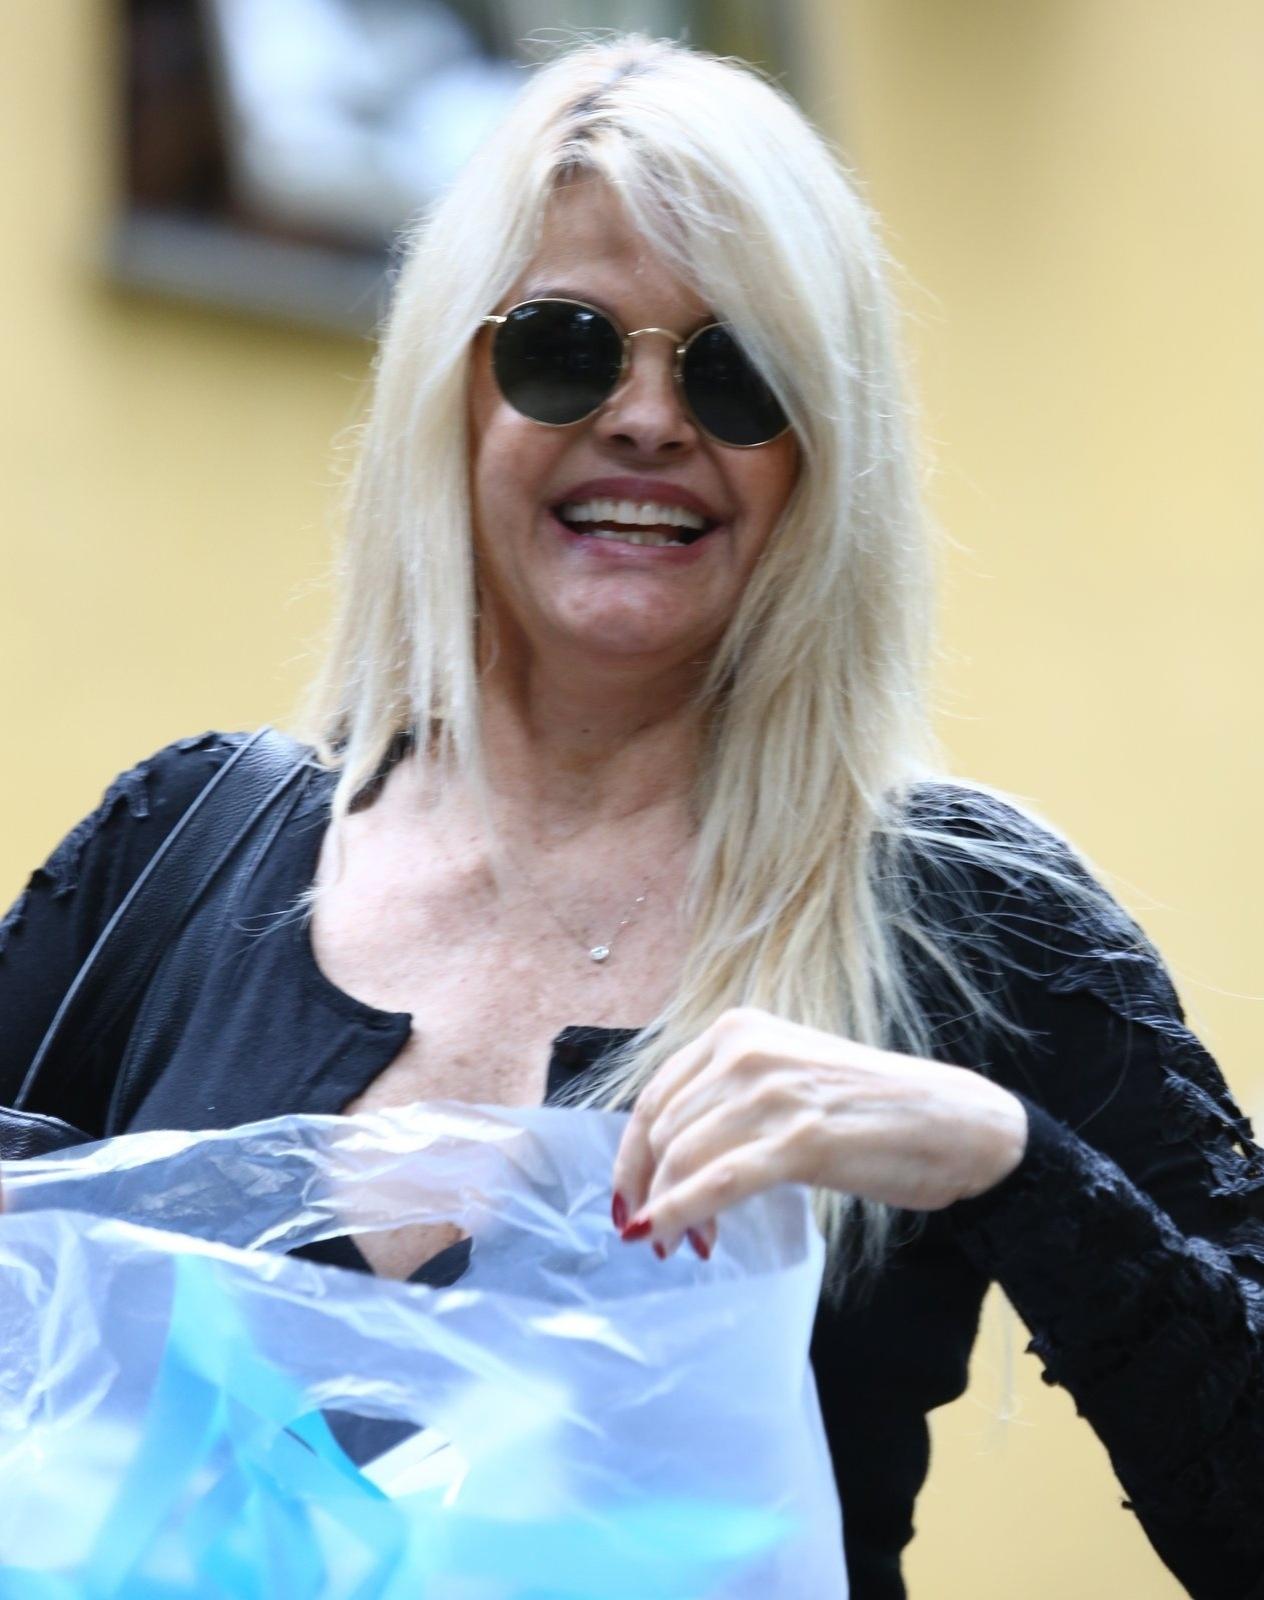 18.out.2013 -Monique Evans deixou nesta sexta a clínica de reabilitação onde estava internada há 12 dias, no Rio